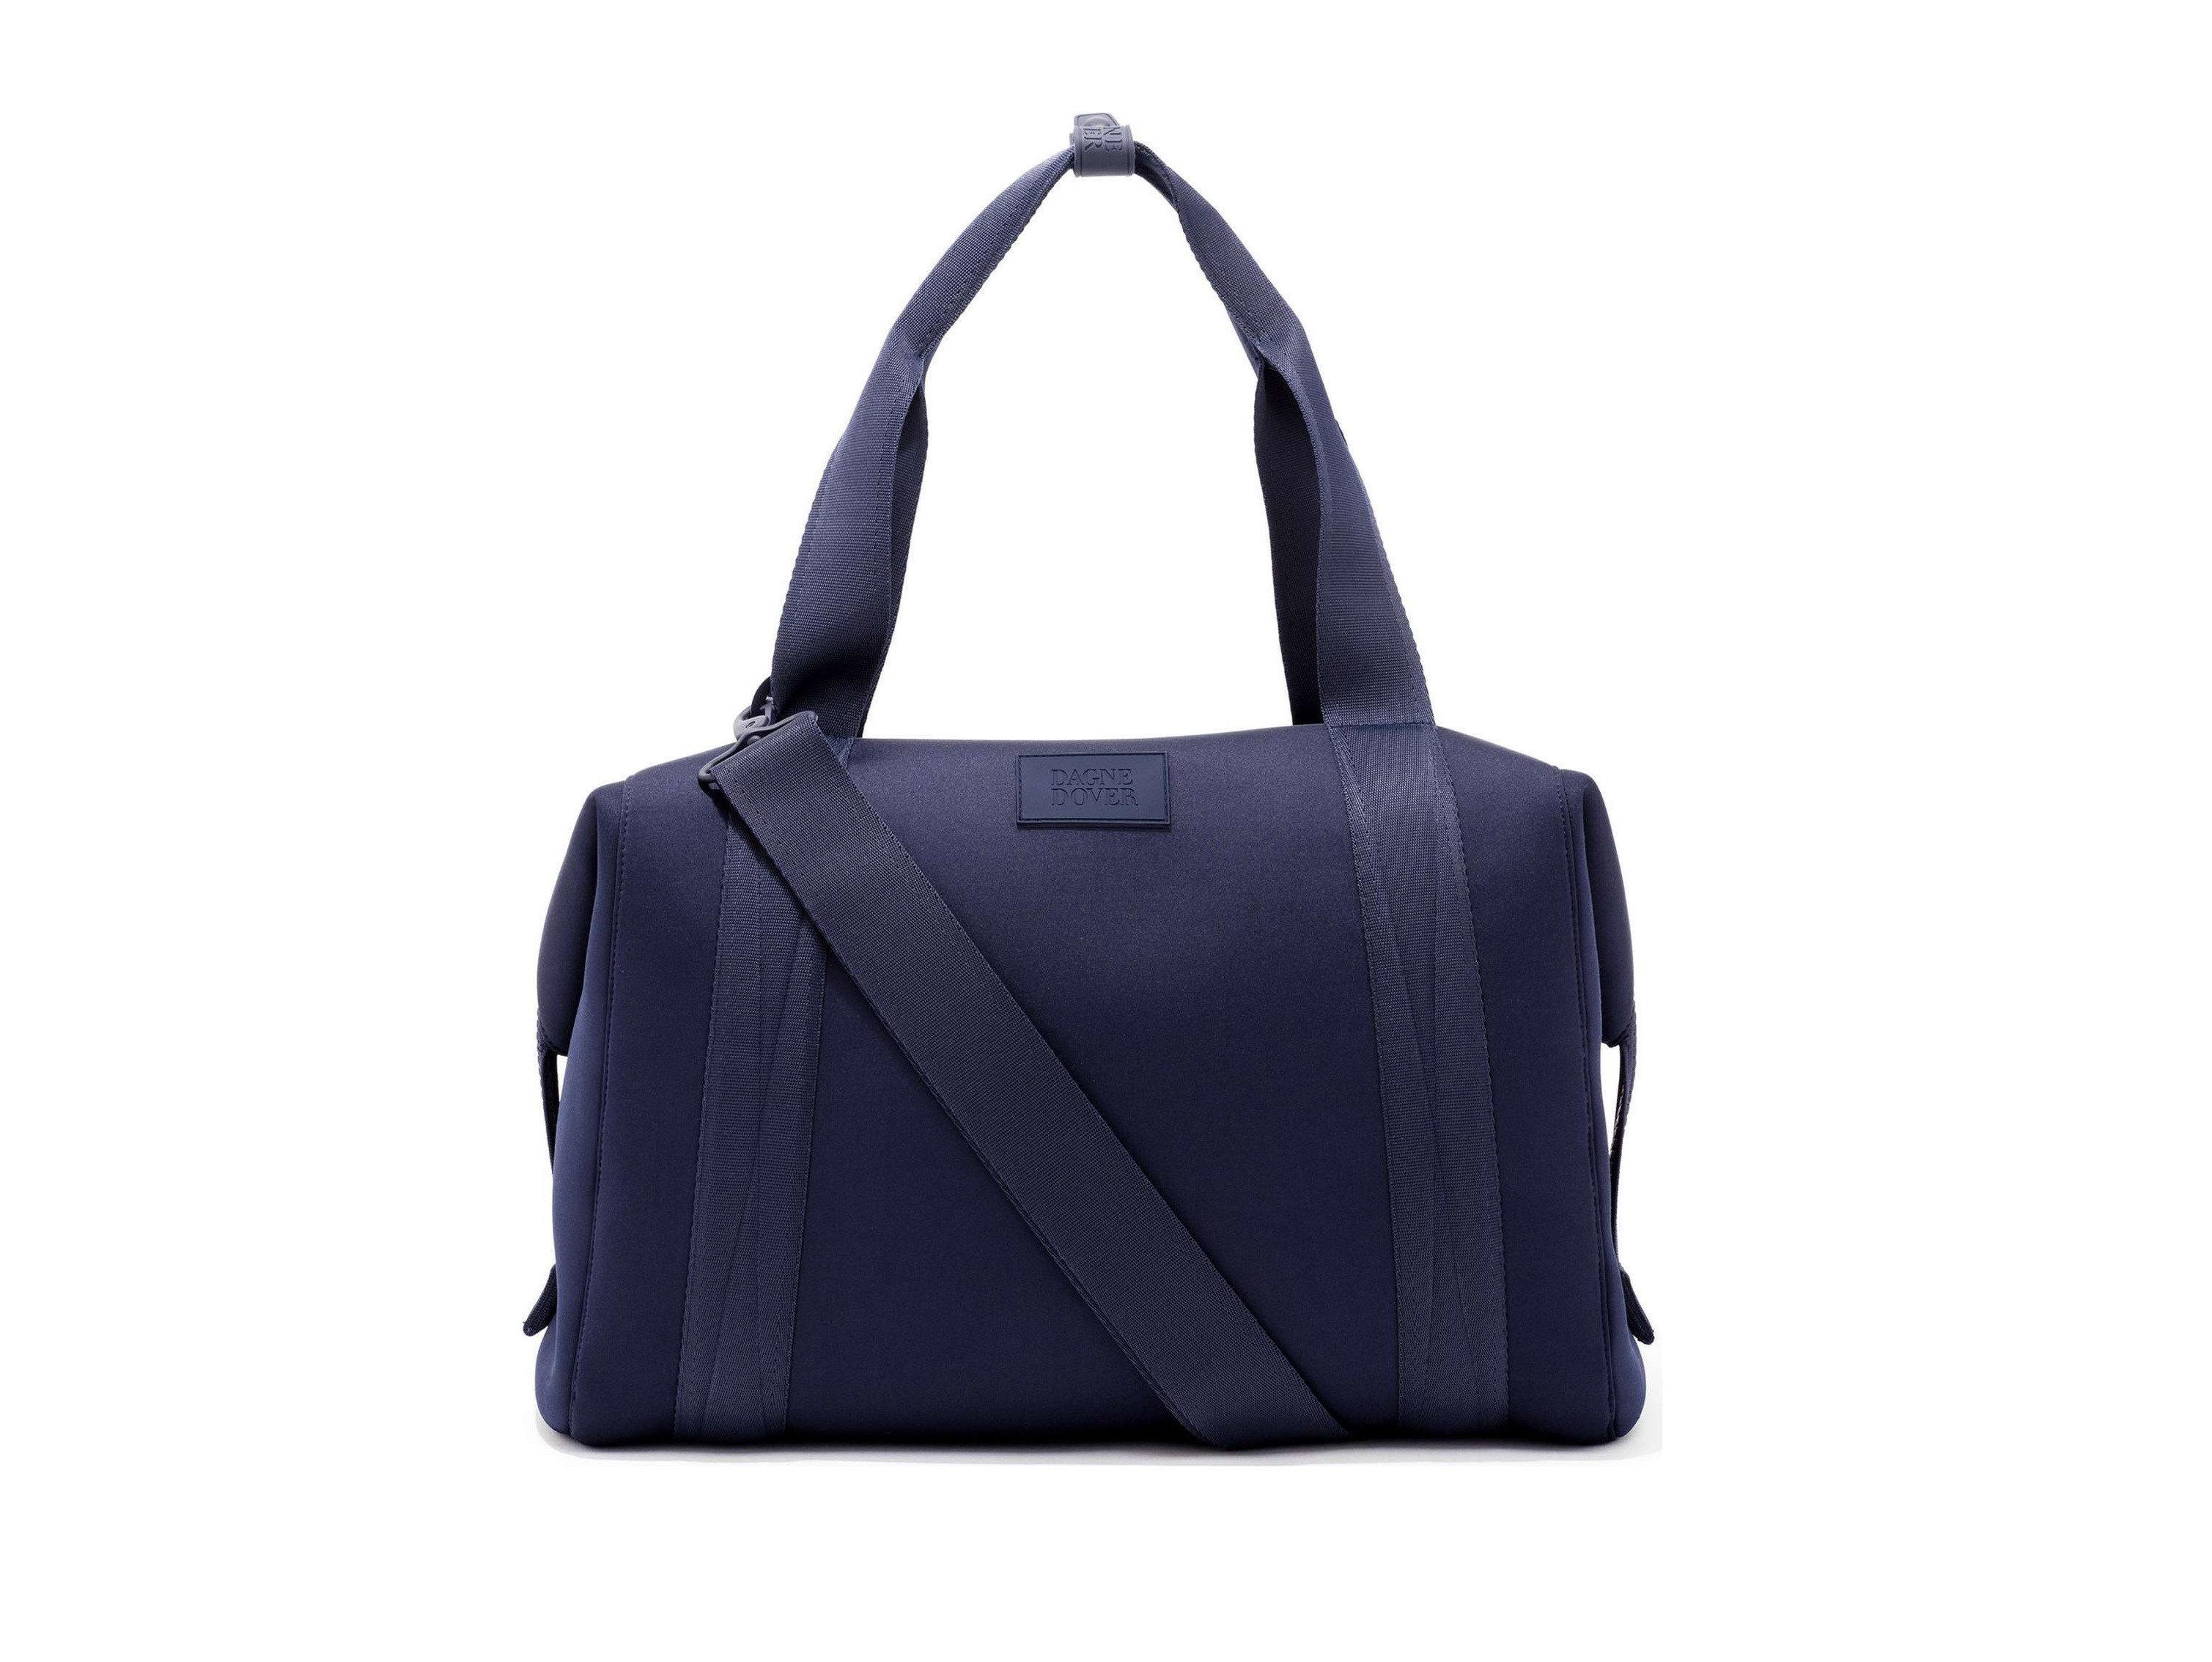 Style + Design Travel Shop bag handbag cobalt blue product electric blue shoulder bag hand luggage product design baggage luggage & bags leather tote bag brand duffel bag